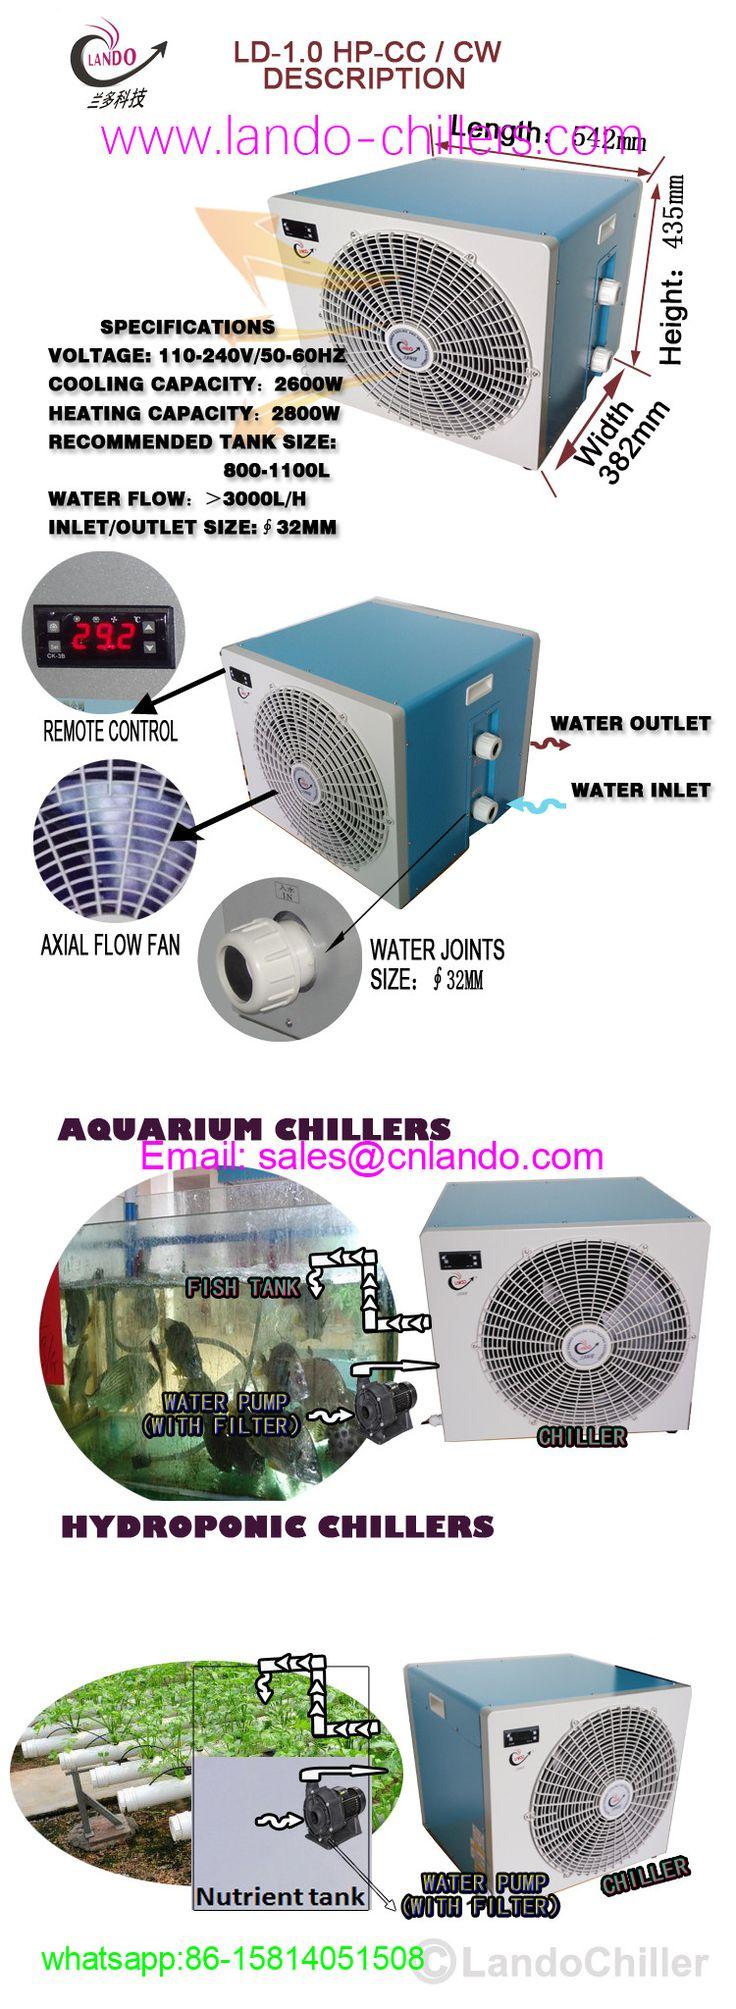 How does an aquarium chillers work aquarium chiller